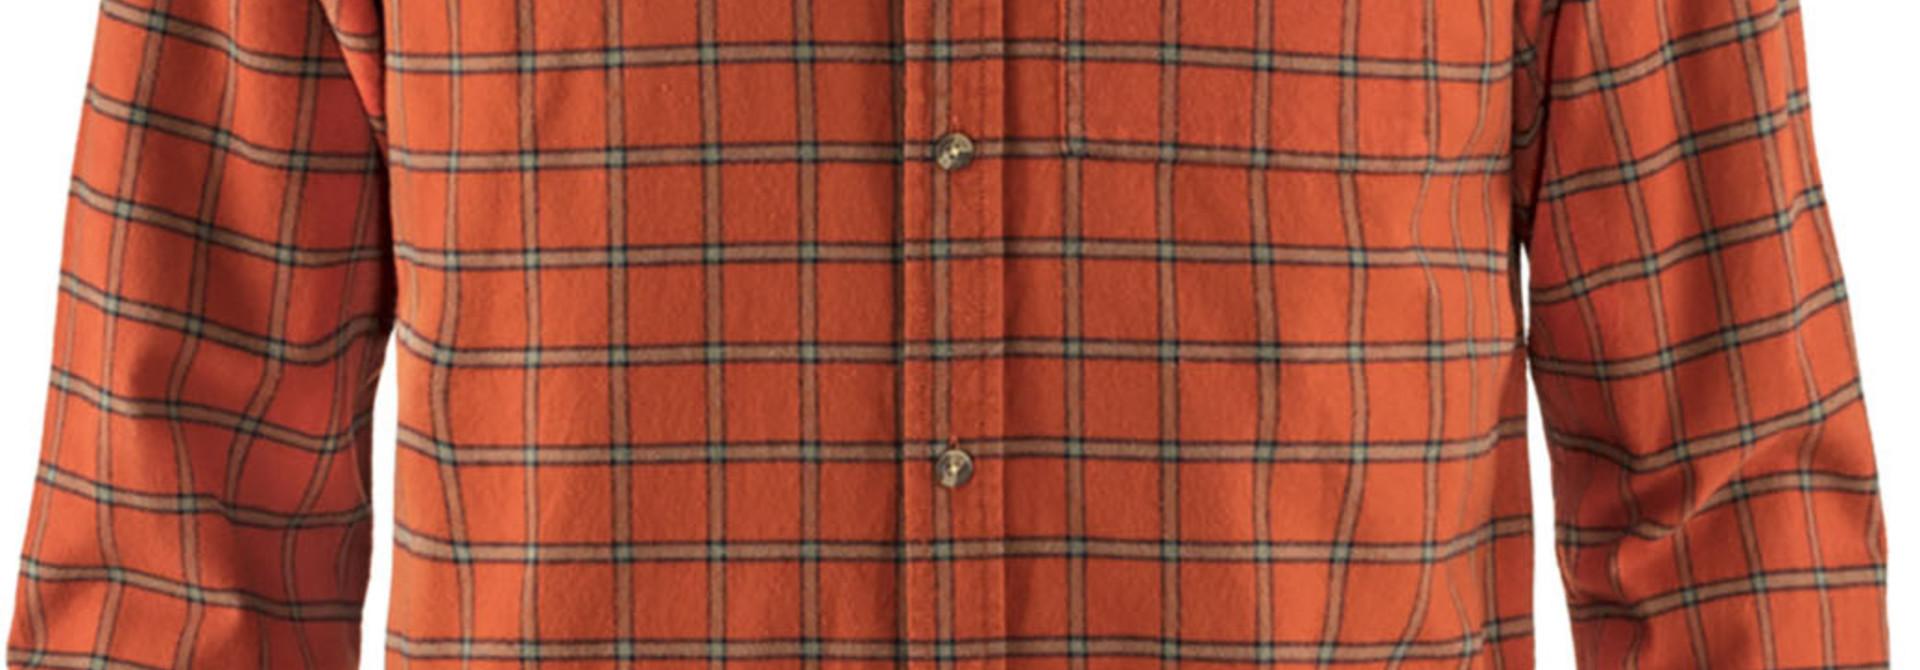 Fjällräven Övik Flannel Shirt M Autumn Leaf